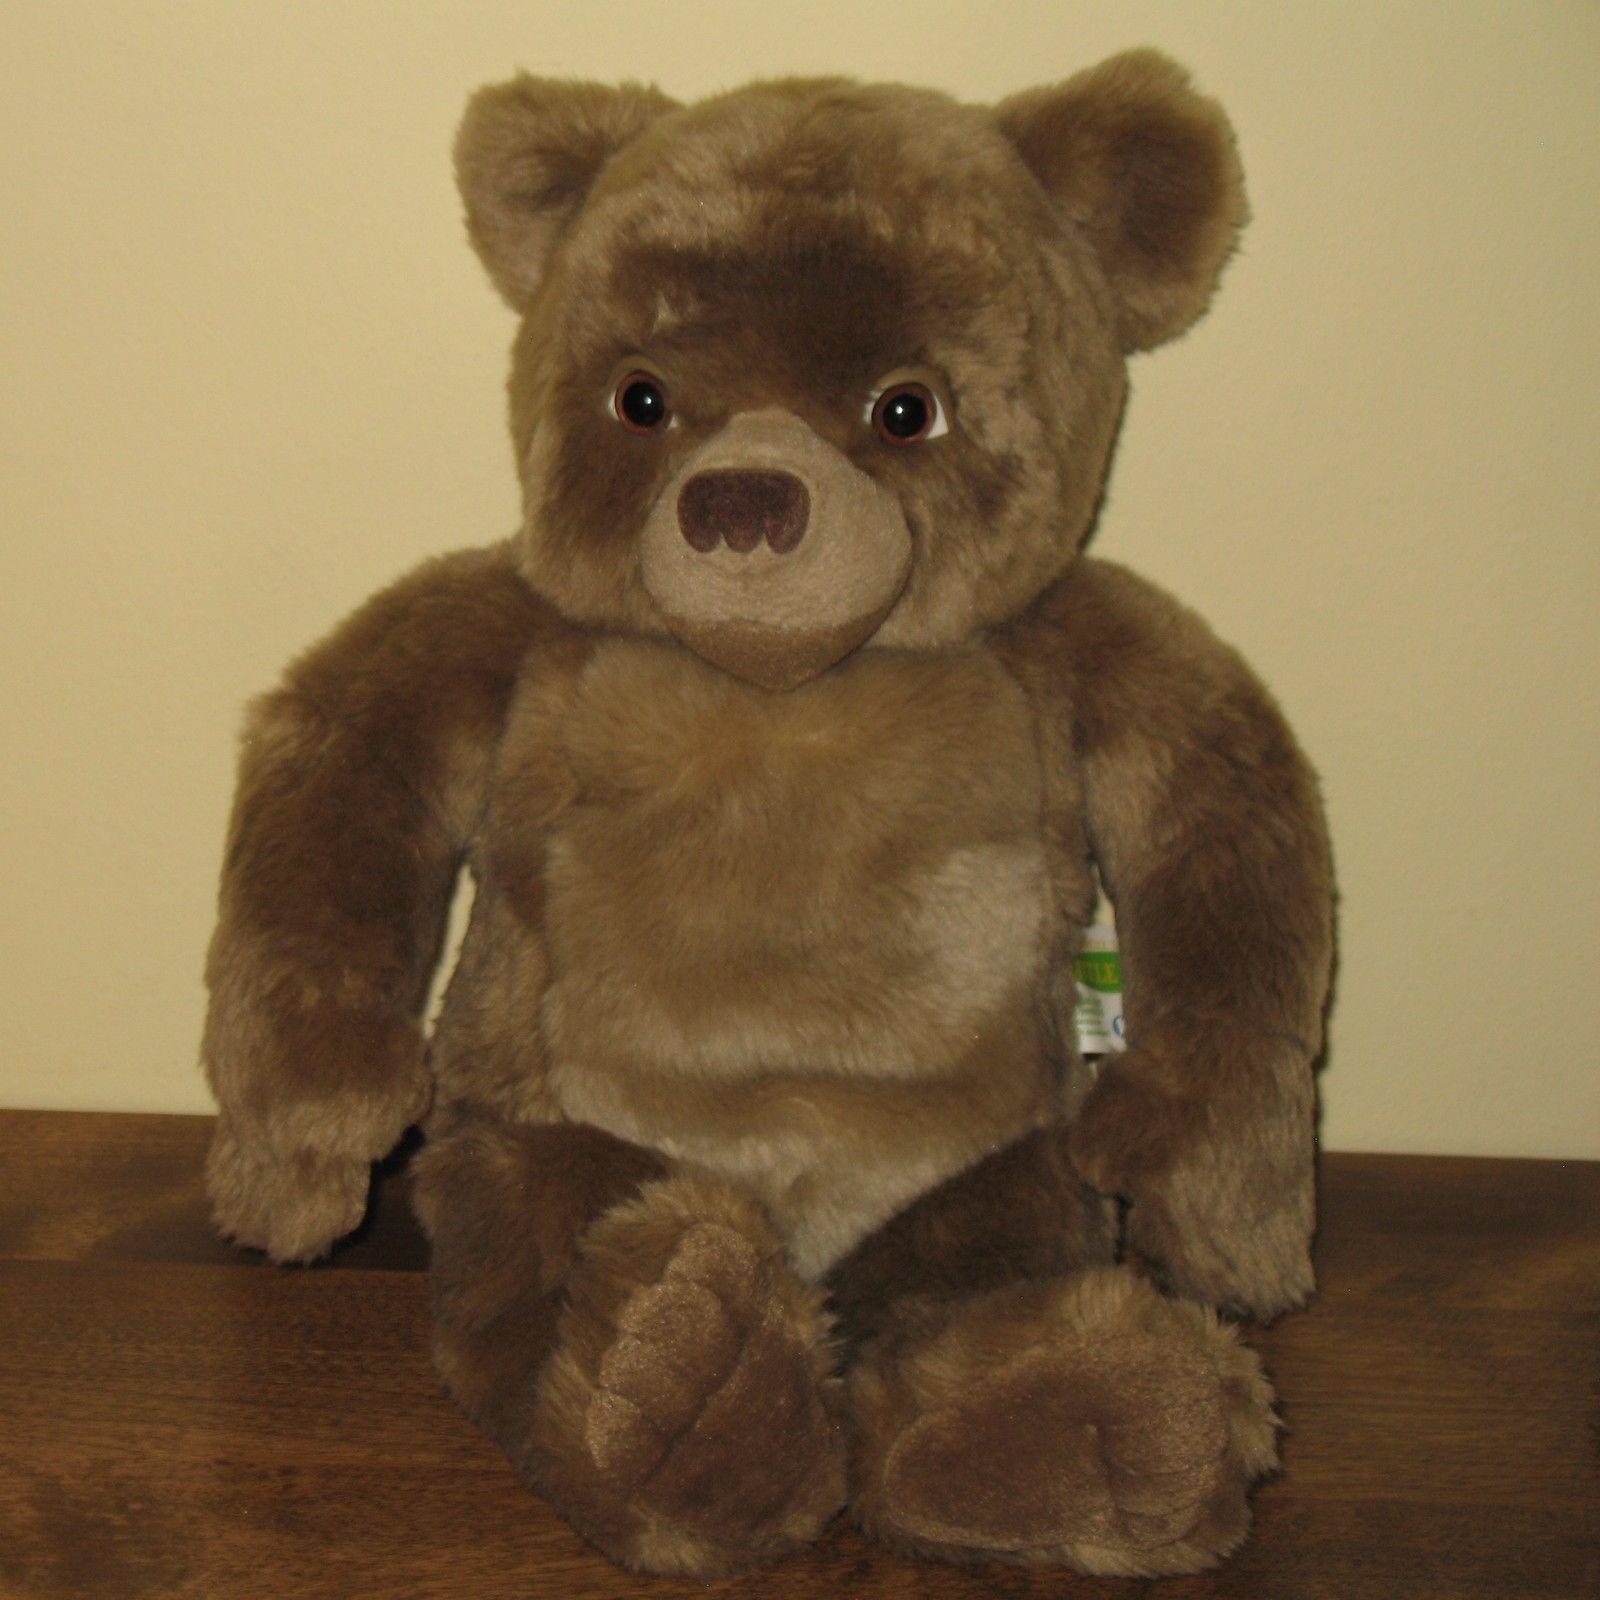 Maurice Sendak Little Bear Plush Kidpower Talking Stuffed